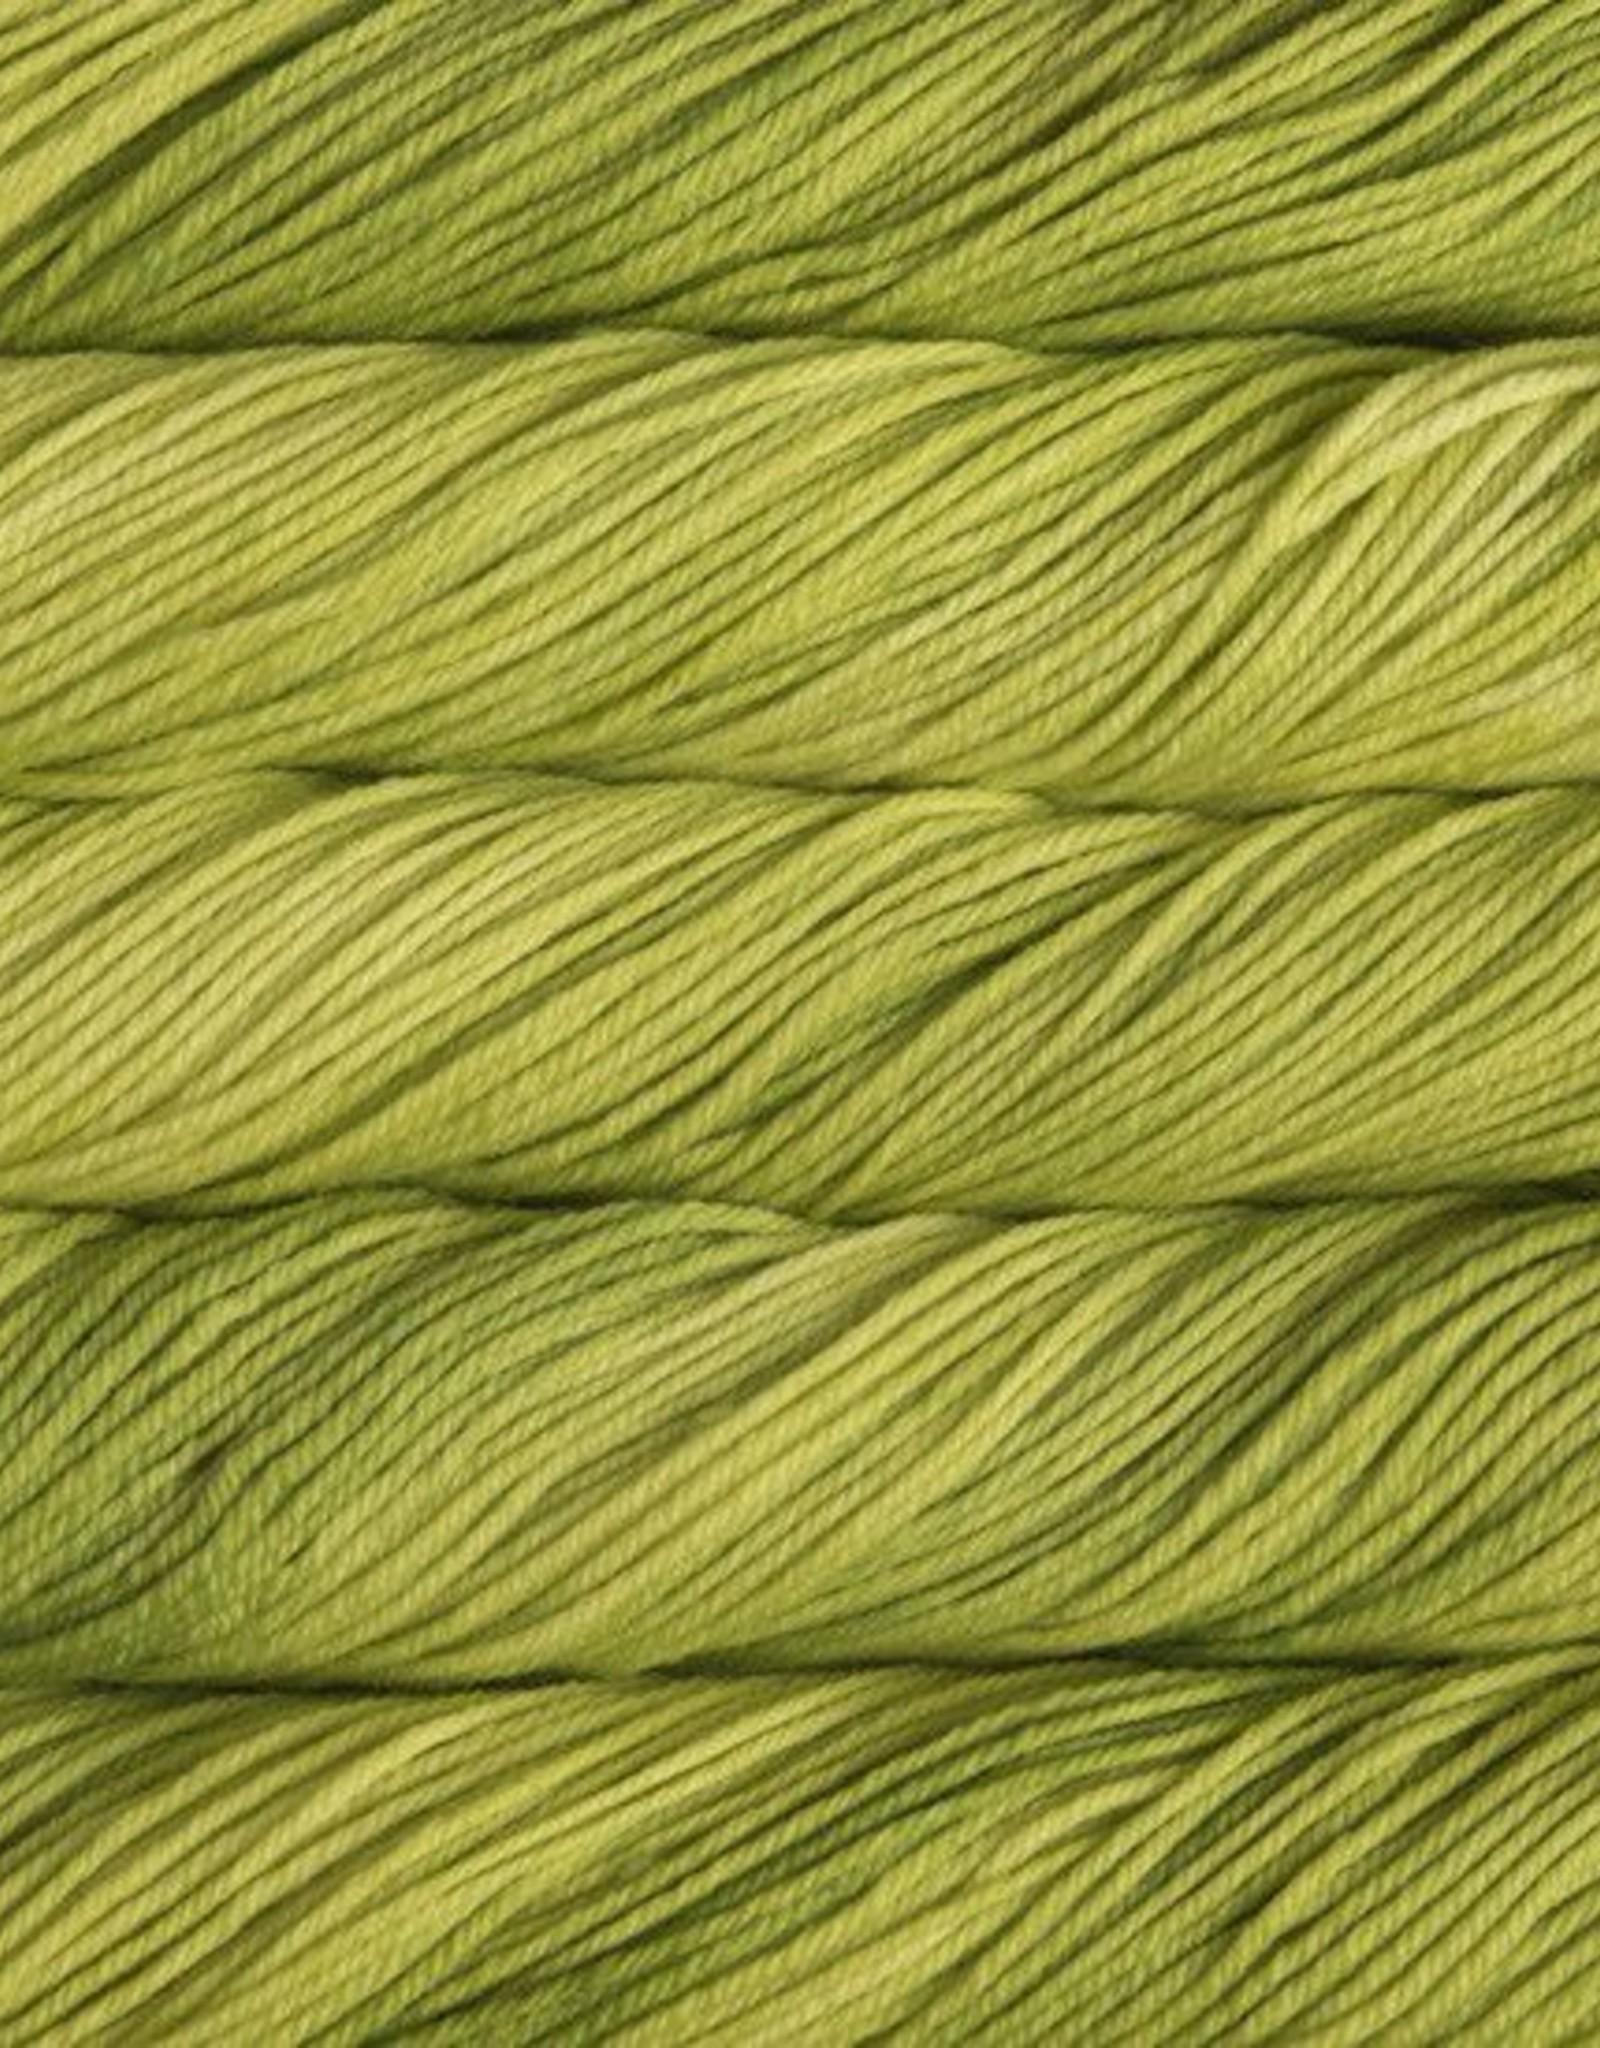 Malabrigo Rios Apple Green (RIO011)